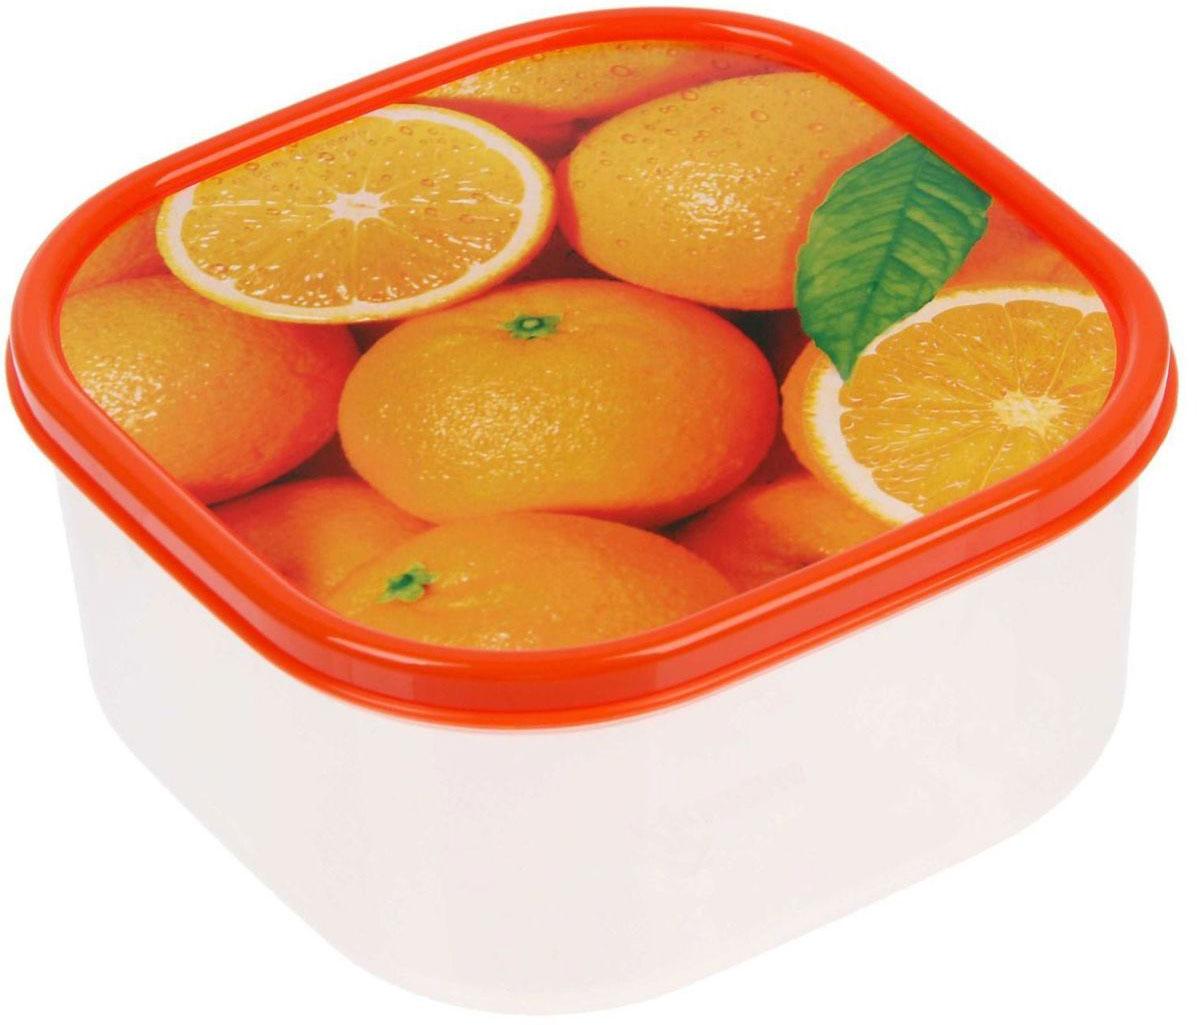 Ланч-бокс Доляна Апельсины, квадратный, 700 мл1333982Ланч-бокс Доляна изготовлен из прочного пищевого пластика. В комплекте прилагается крышка подходящего размера, которая плотно и надежно закрывается и упрощает процесс транспортировки. Такой контейнер является незаменимым предметом кухонной утвари, ведь у него много преимуществ: Простота ухода. Ланч-бокс достаточно промыть теплой водой с небольшим количеством чистящего средства. Вместительность. Изделие позволяет разместить разнообразные продукты от сахара до супов. Эргономичность. Ланч-боксы очень легко хранить даже в самой маленькой кухне, так как их можно поставить один в другой по принципу матрешки. Многофункциональность. Он пригодится, если после вкусного обеда осталась еда, а насладиться трапезой хочется и на следующий день. Можно использовать не только на кухне, но и для хранения различных бытовых предметов, а также брать с собой еду на работу или учебу. Не использовать пластиковые контейнеры в духовых шкафах и на открытом огне, а также не разогревать в микроволновых печах при закрытой крышке ланч-бокса.